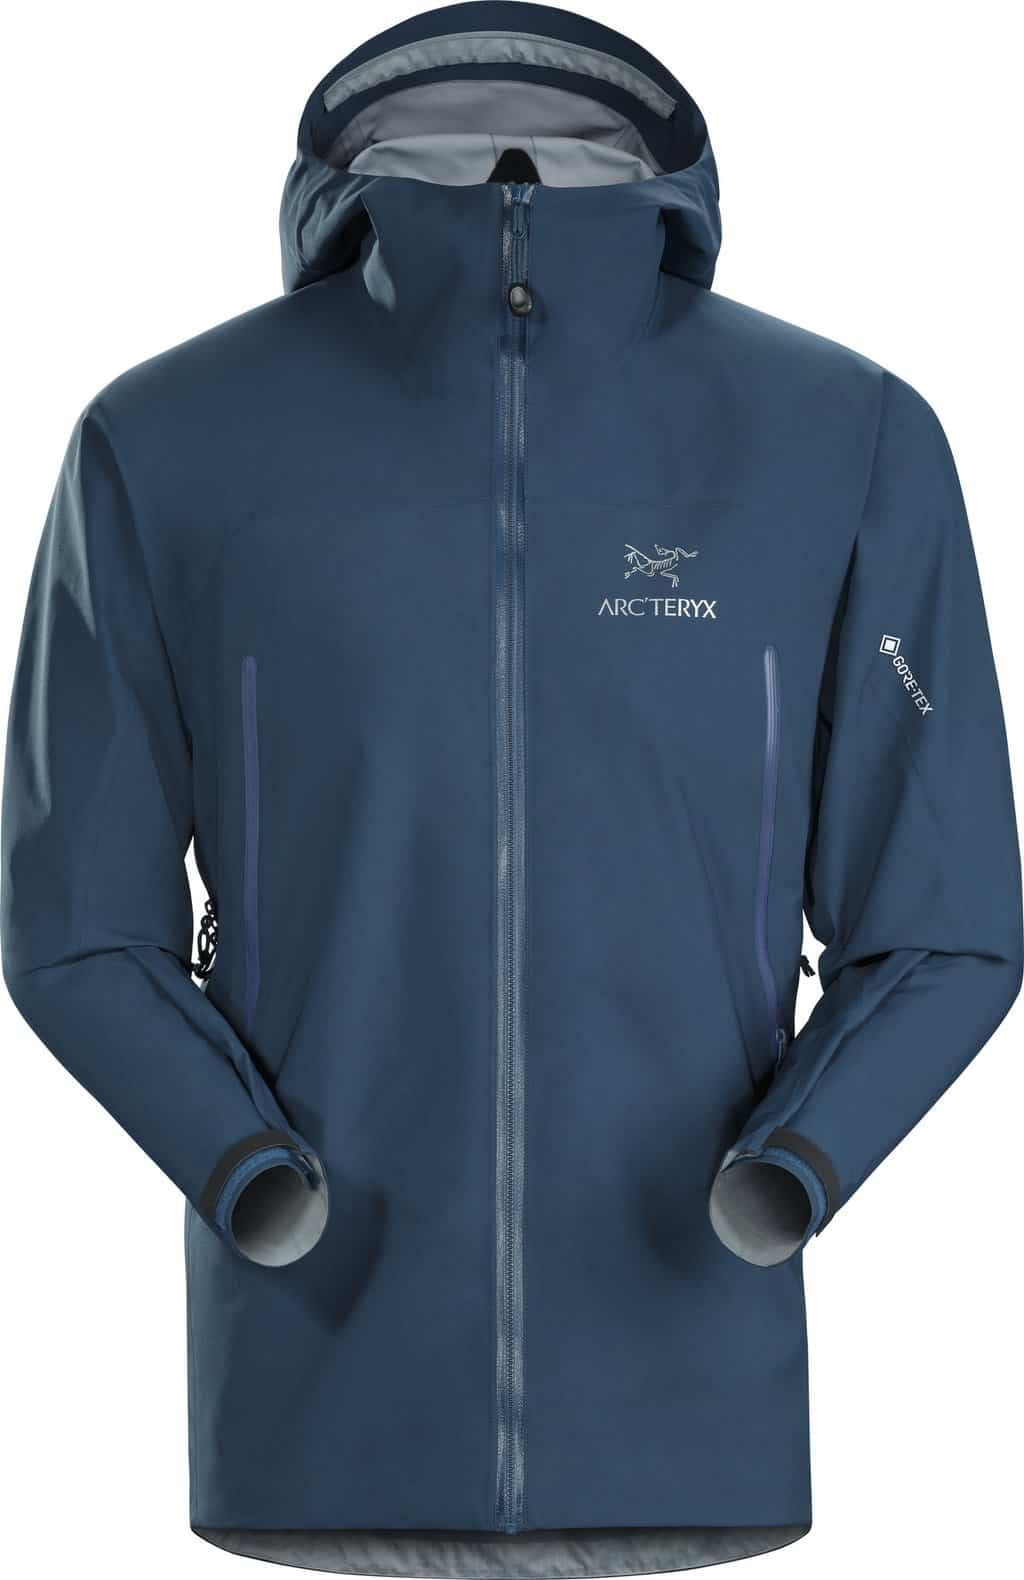 Arc'teryx - Manteau Zeta AR - Homme